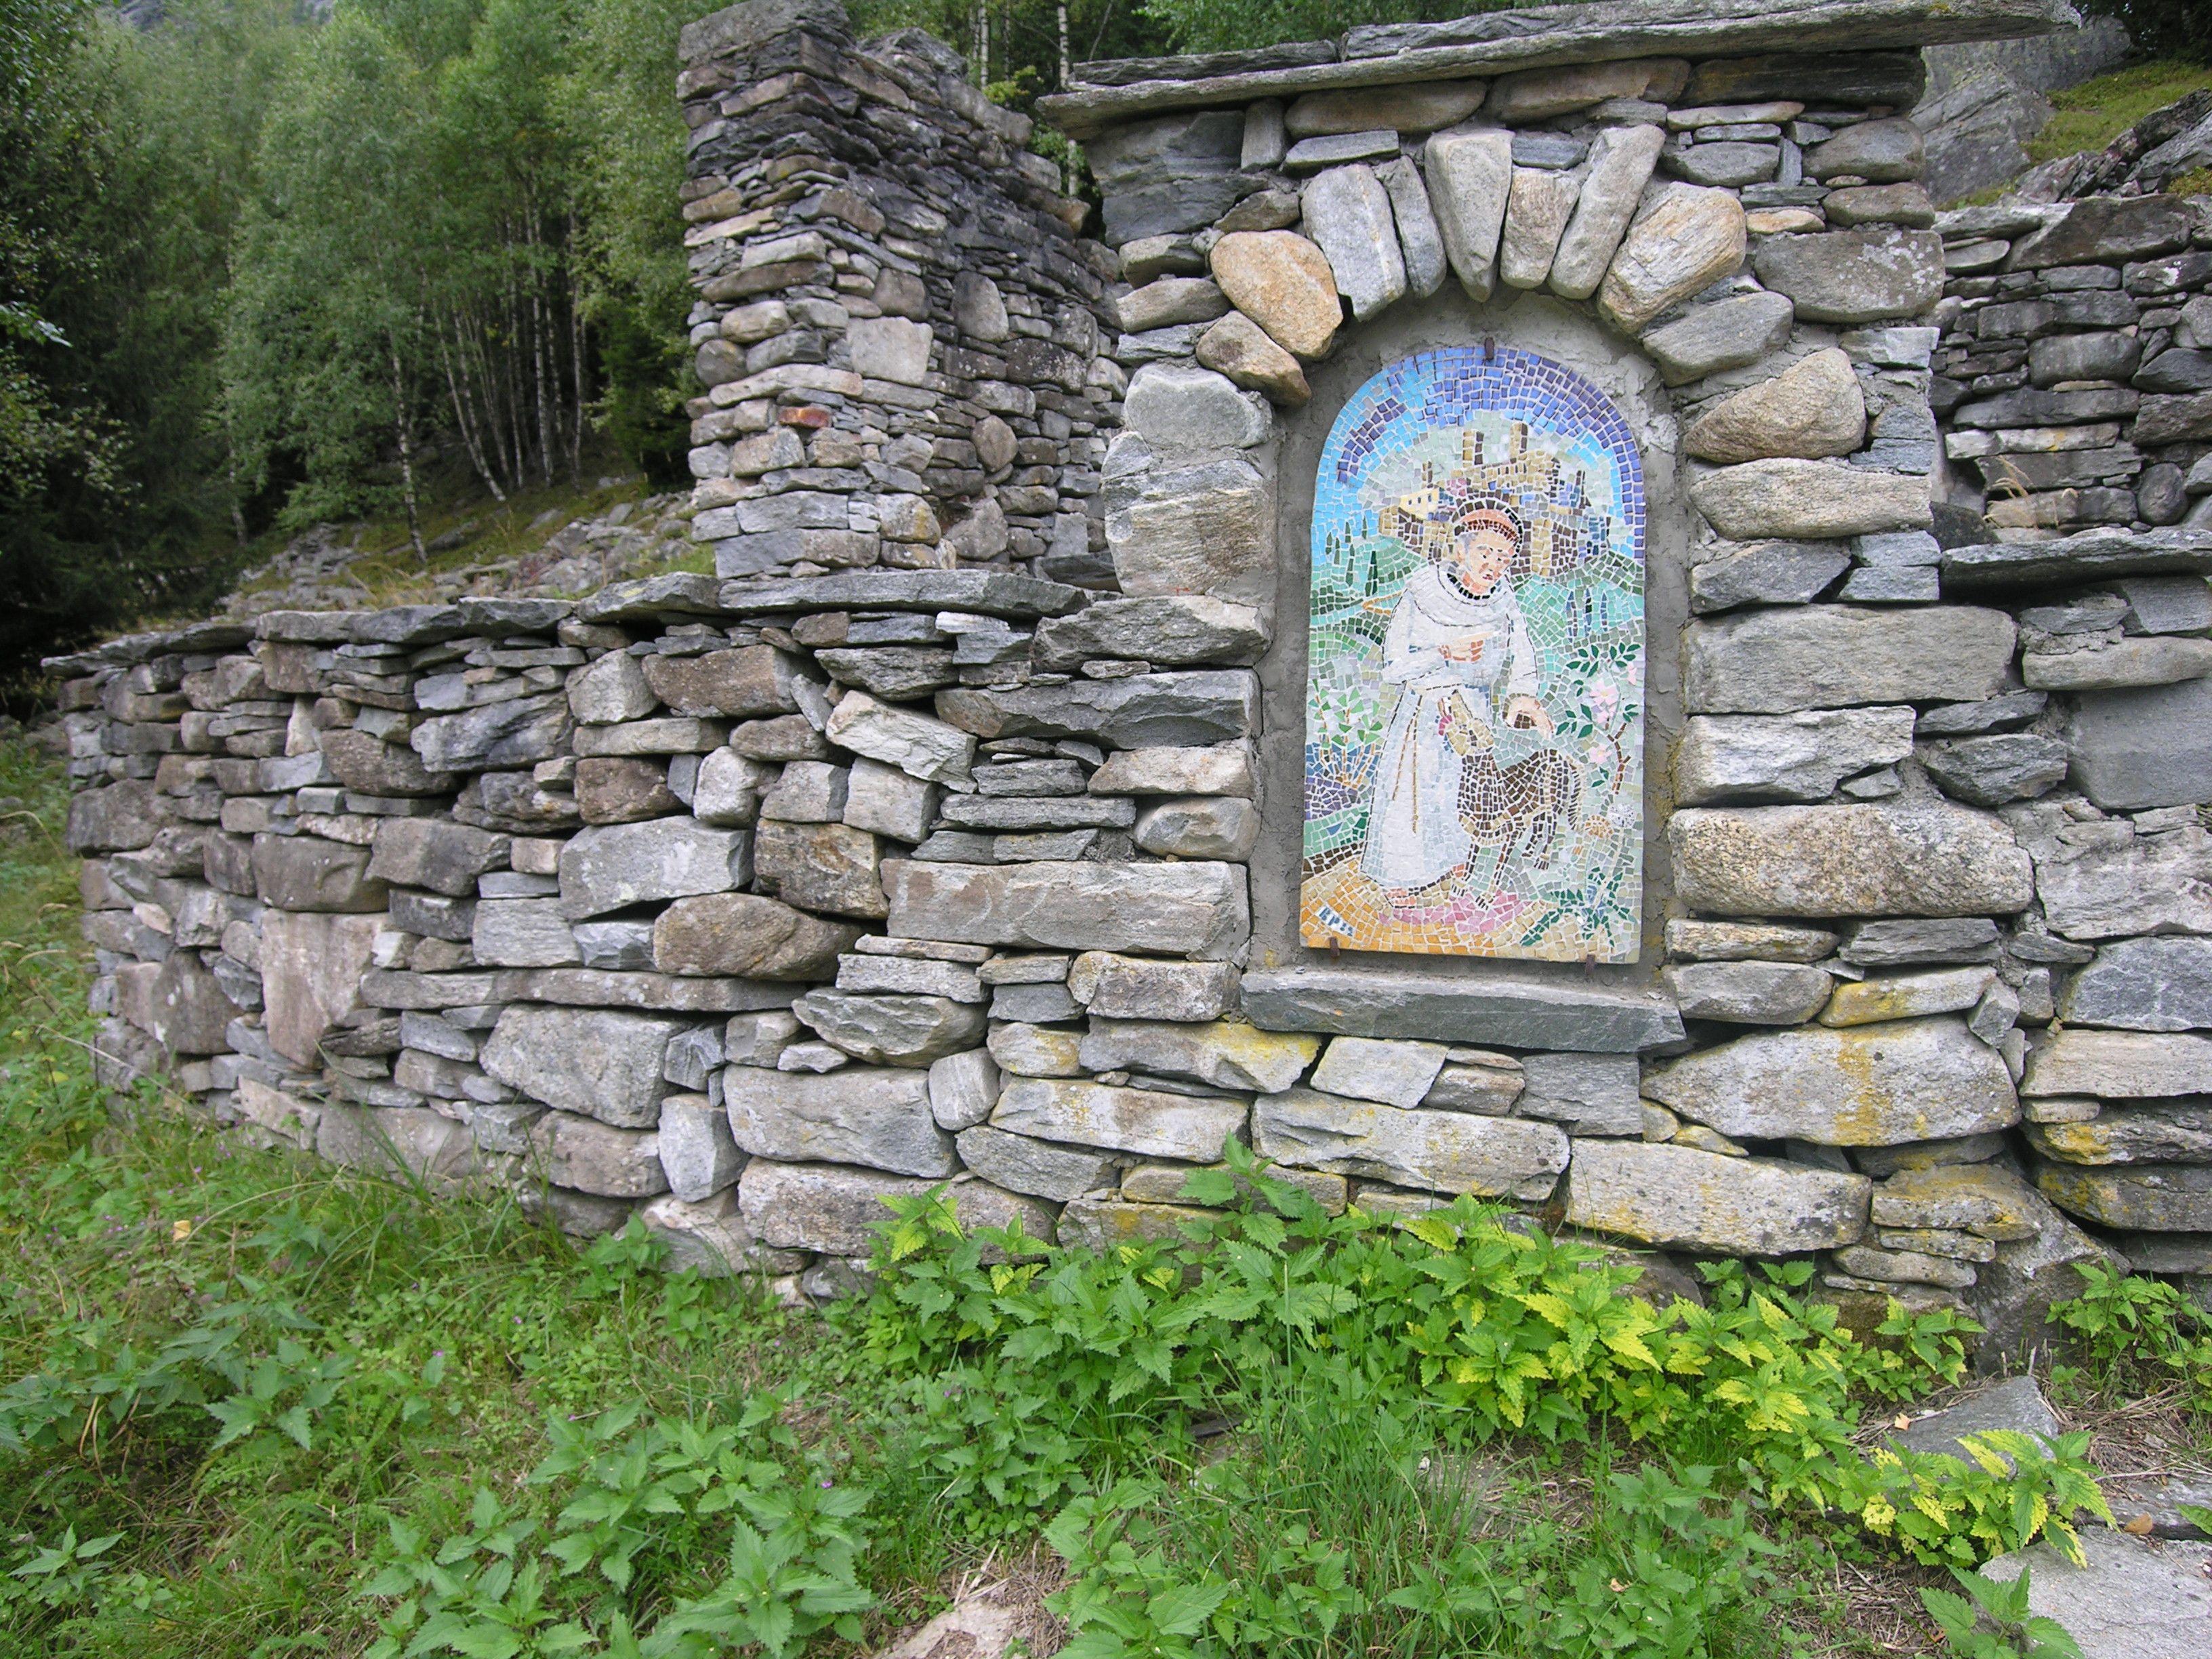 Art Stone Walls : Dry stone wikidwelling fandom powered by wikia